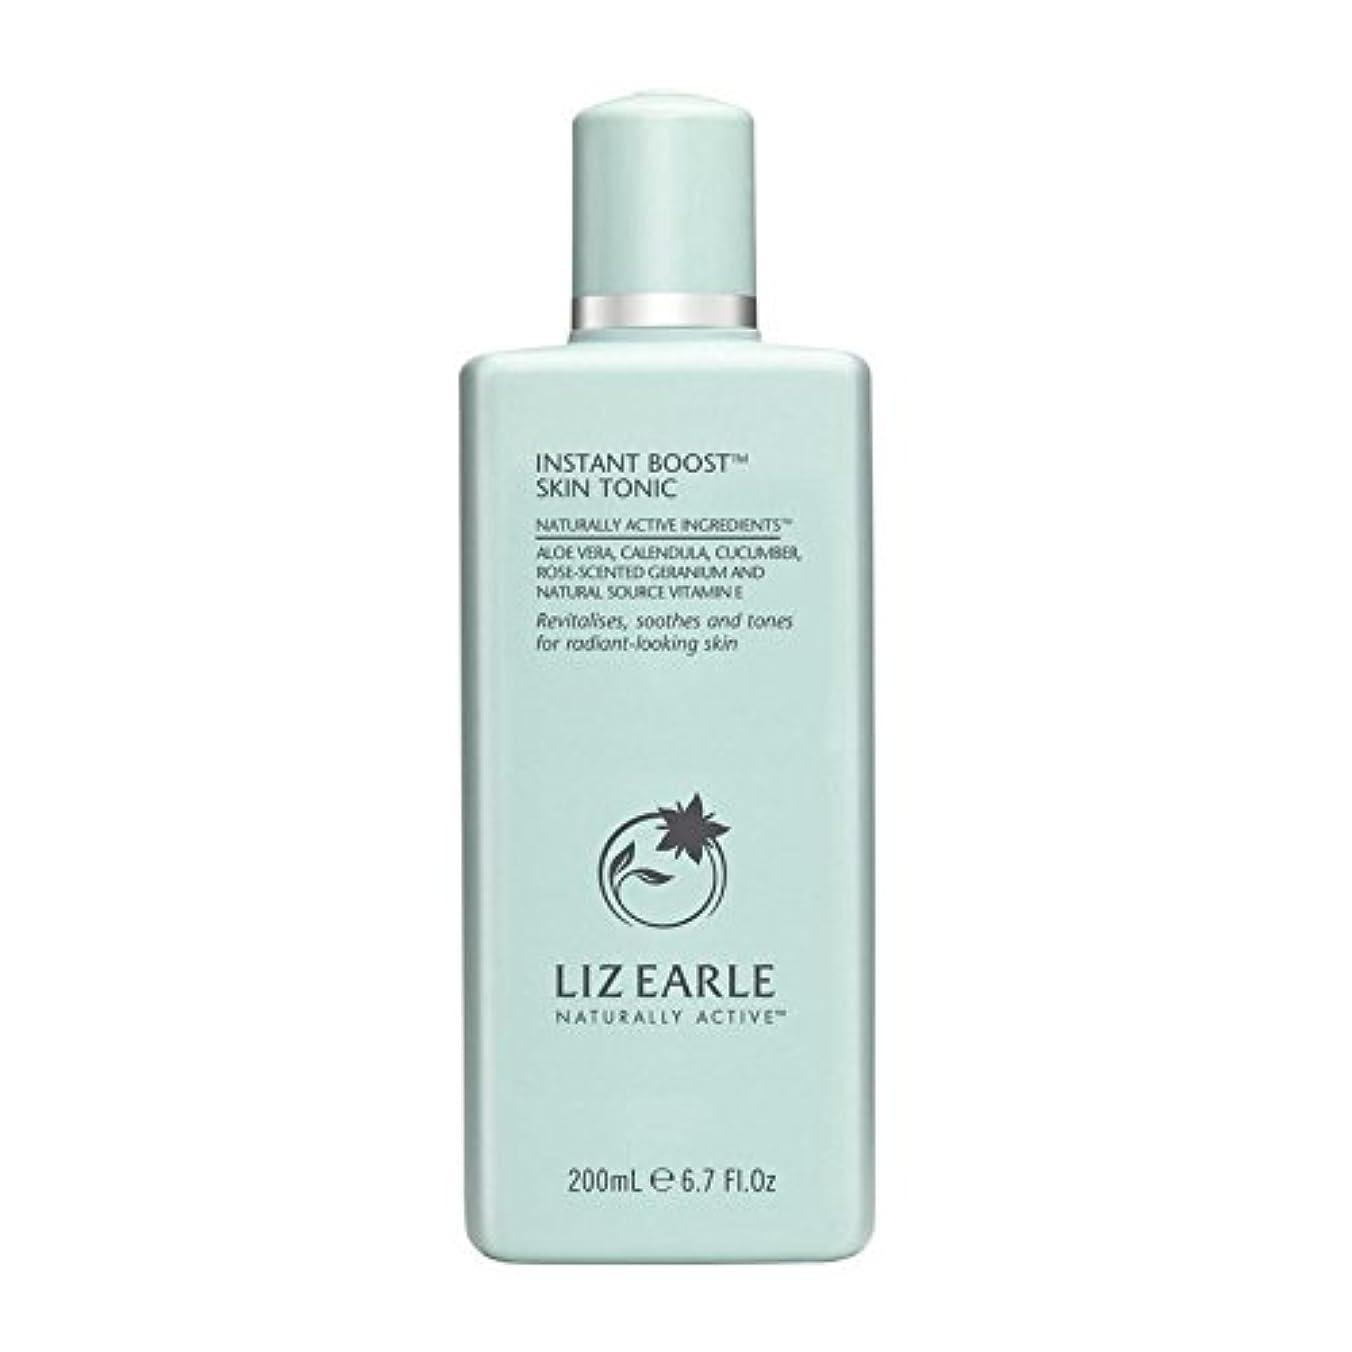 畝間洞察力のある努力リズアールインスタントブーストスキントニックボトル200ミリリットル x2 - Liz Earle Instant Boost Skin Tonic Bottle 200ml (Pack of 2) [並行輸入品]